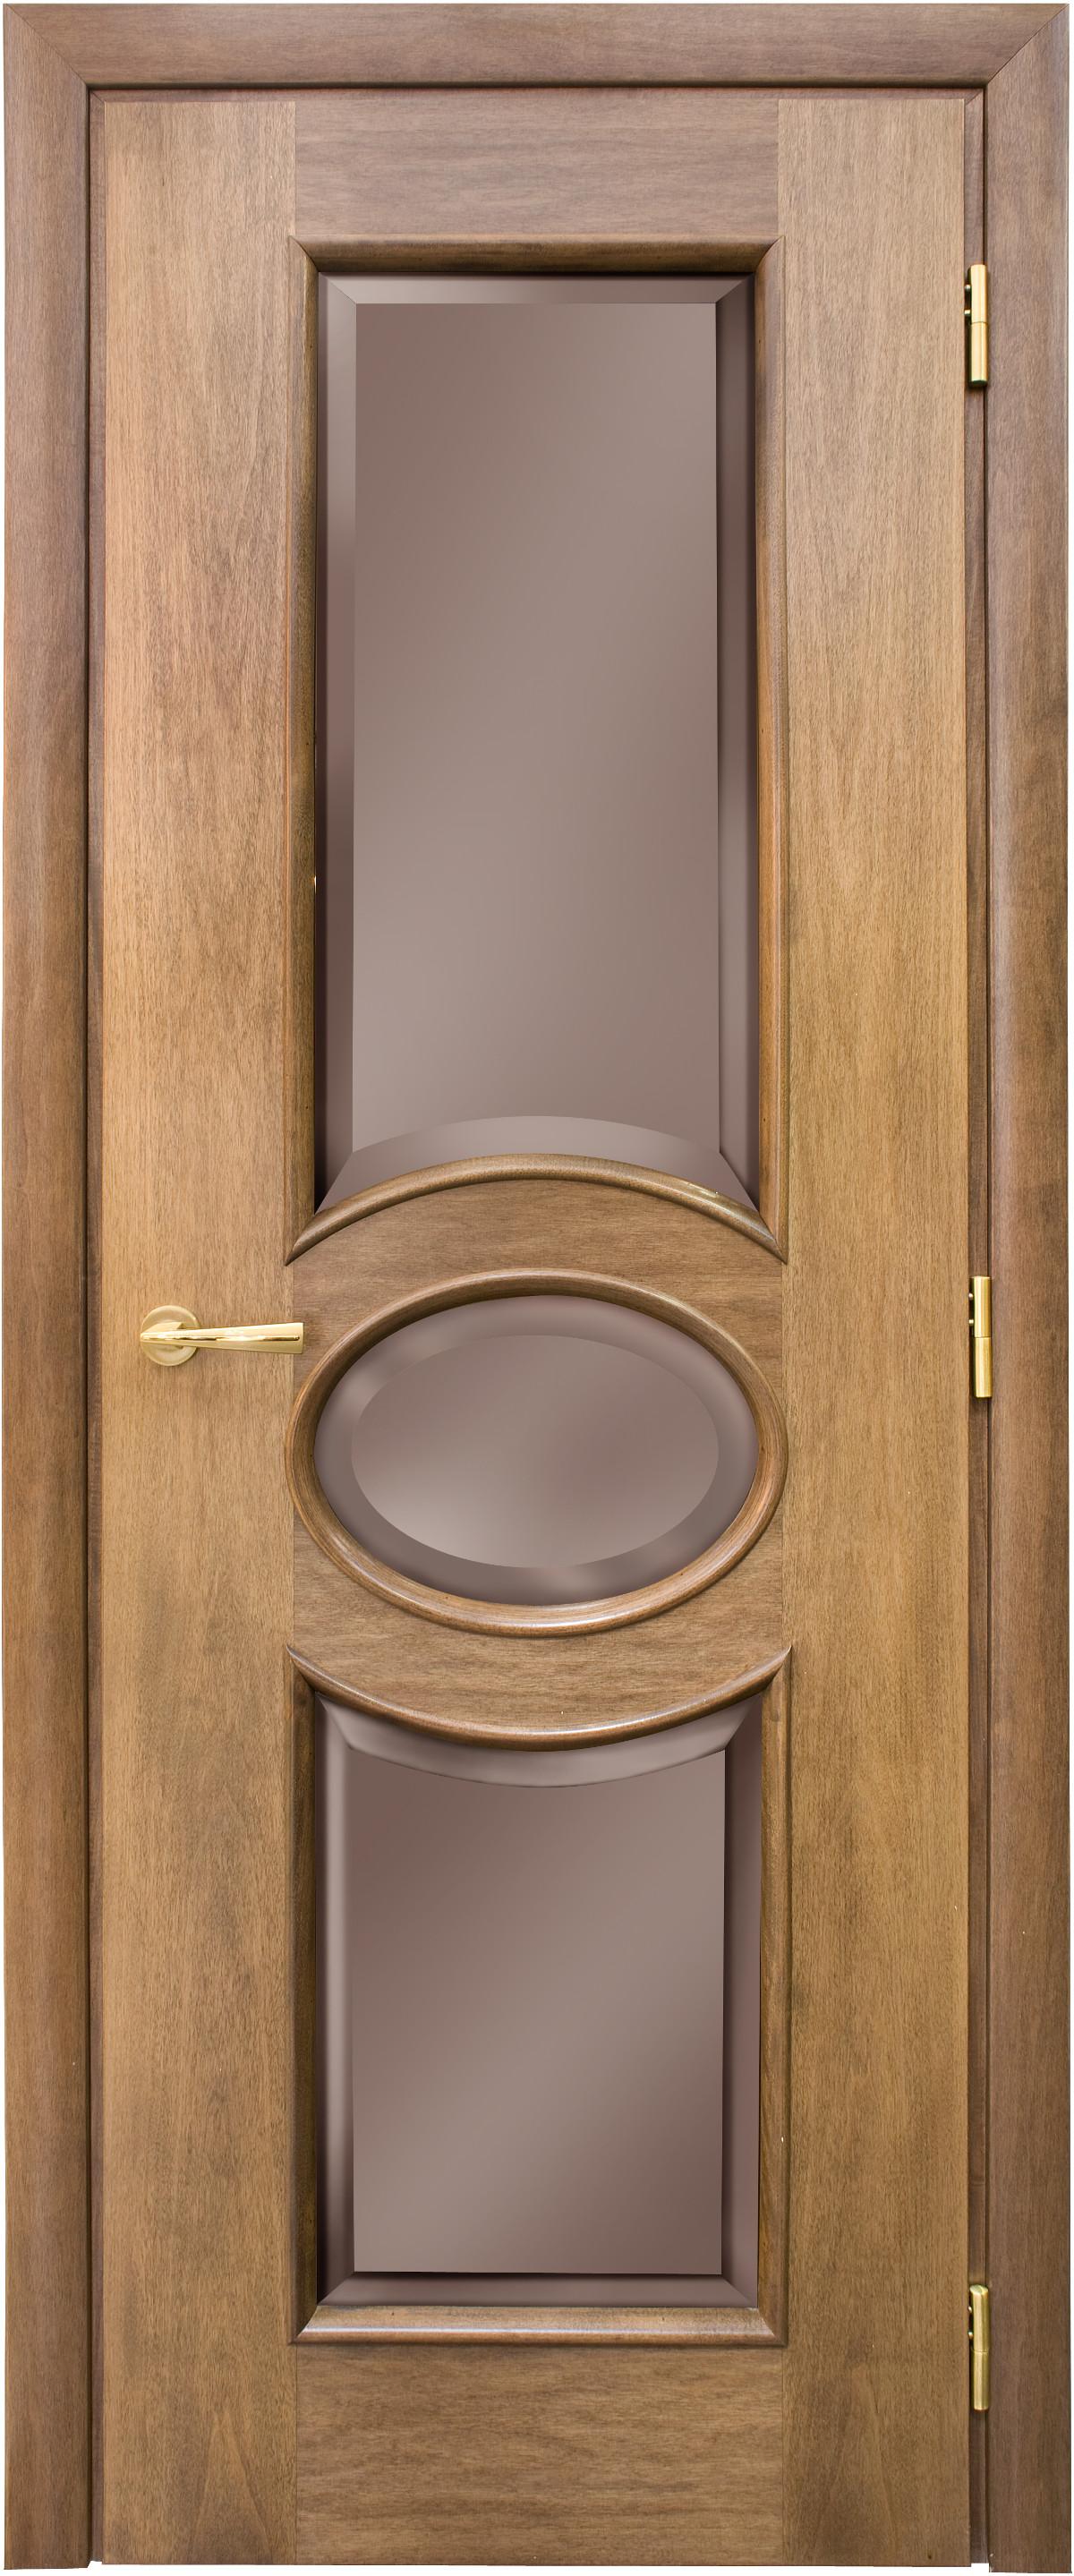 Межкомнатная / входная дверь, отделка: натуральный шпон, Capri Oval VSN